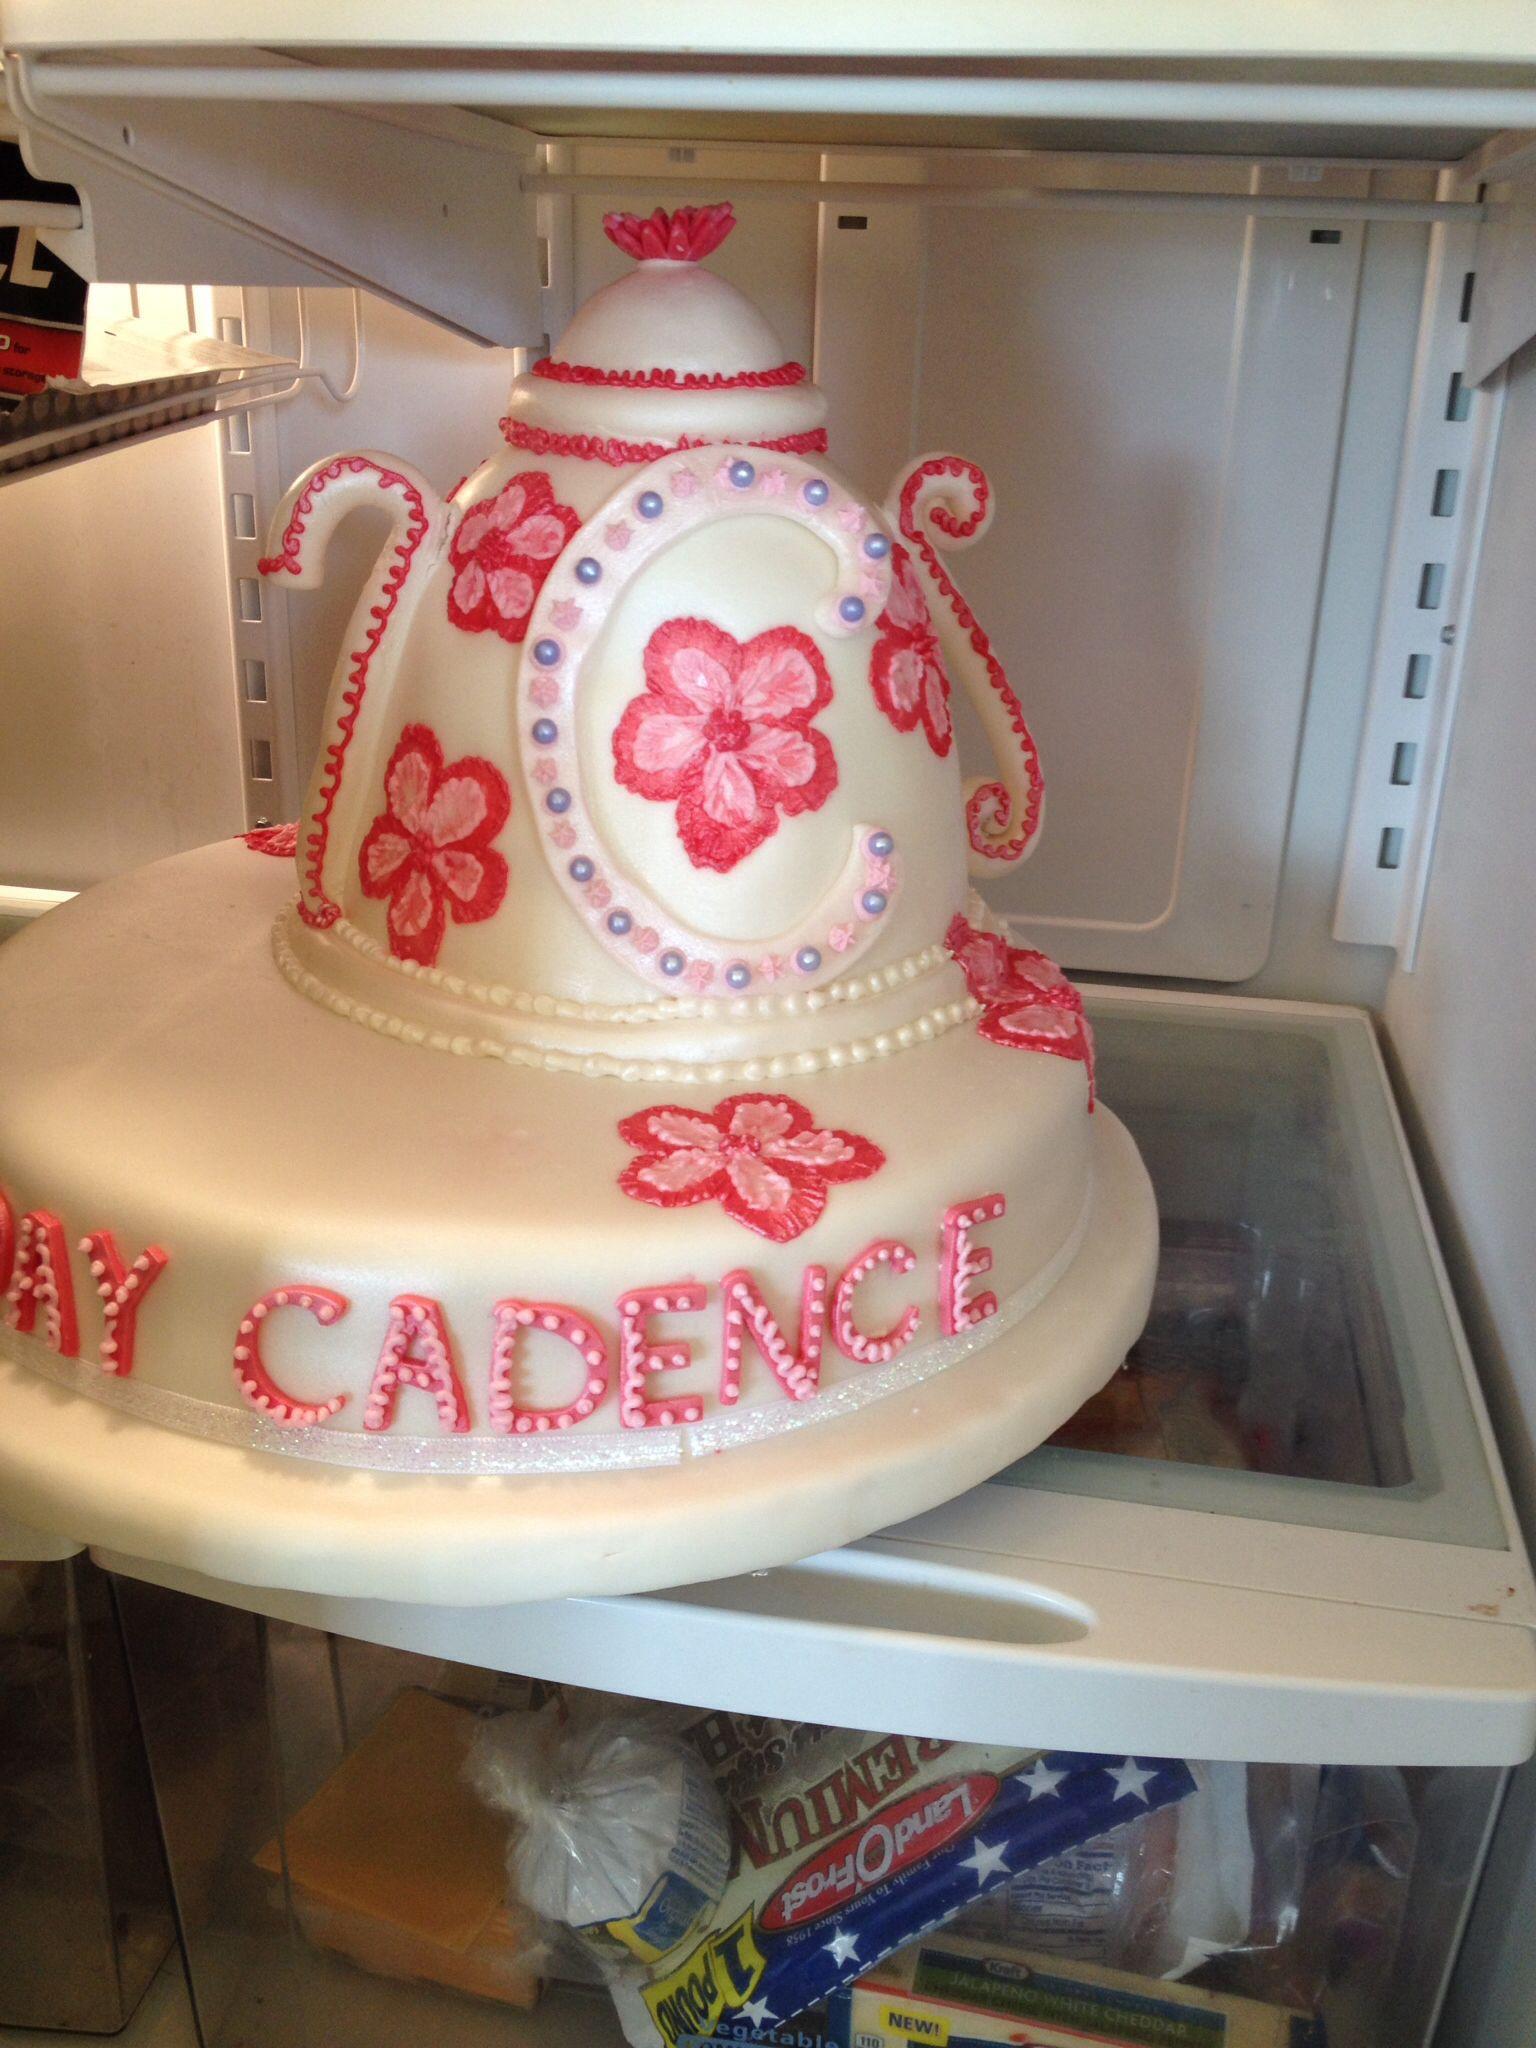 Cake Art Pinterest : Pin it Like Image